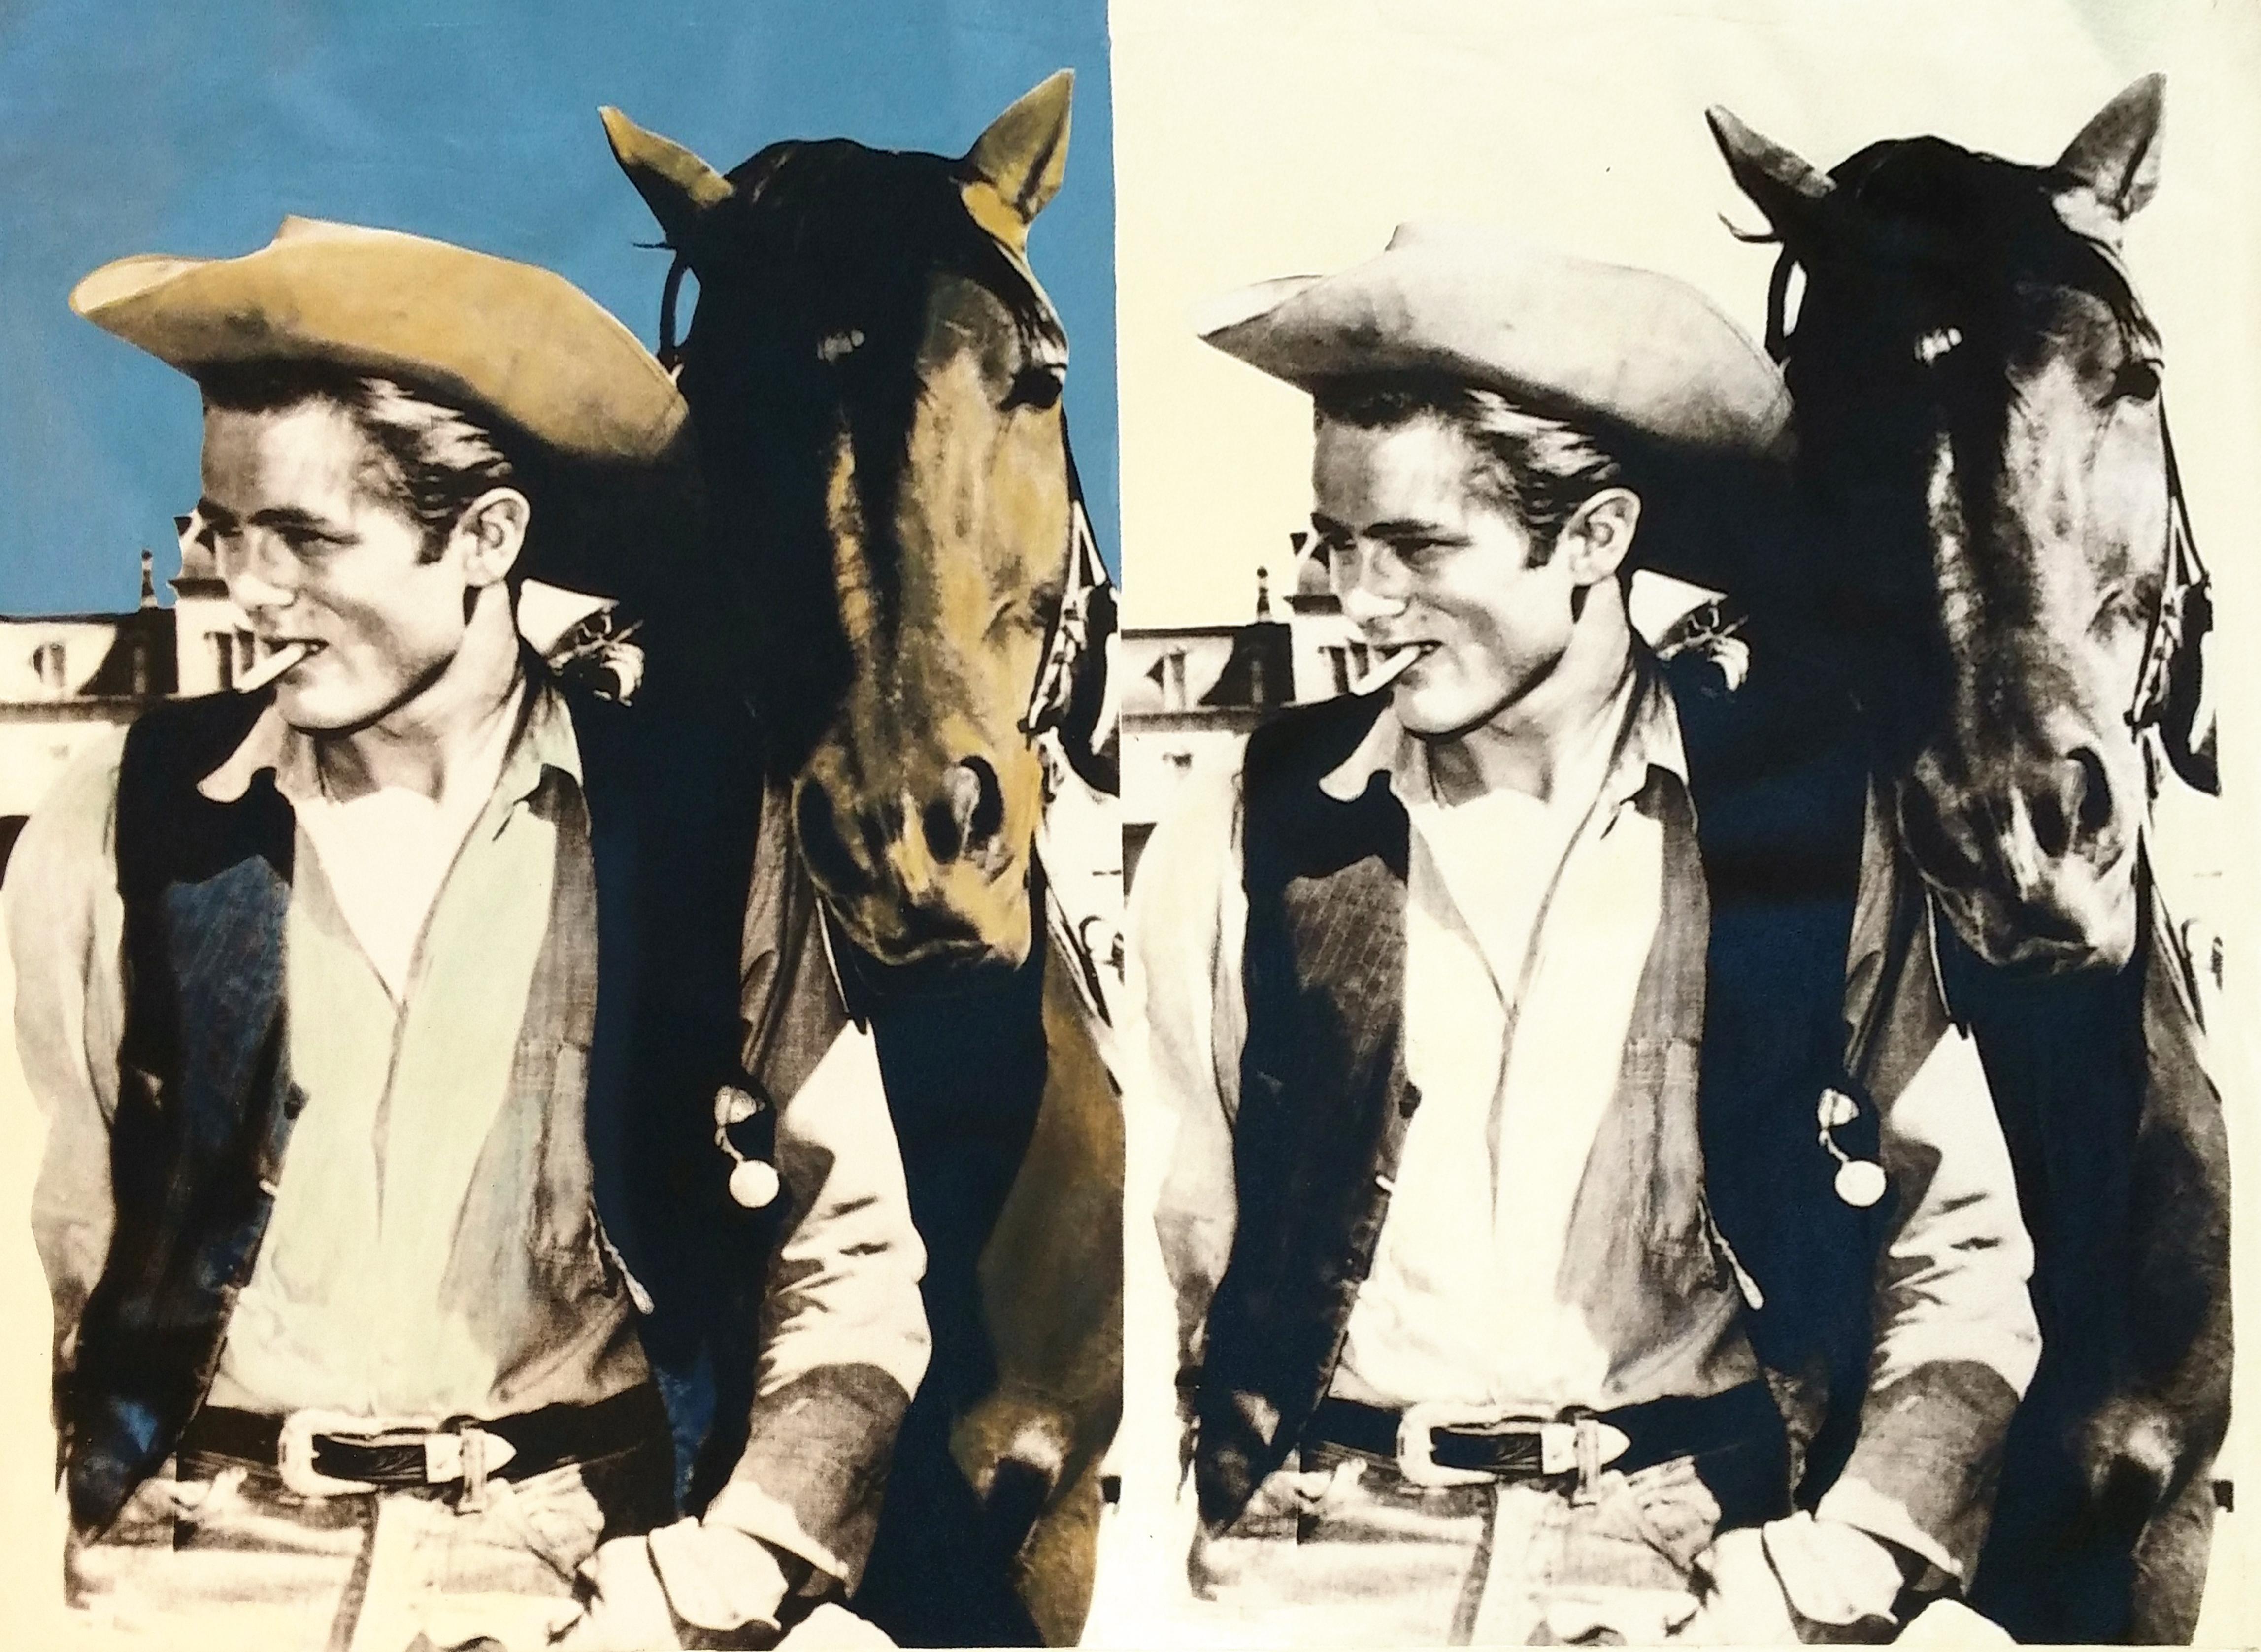 DOUBLE JAMES DEAN - THE COWBOY